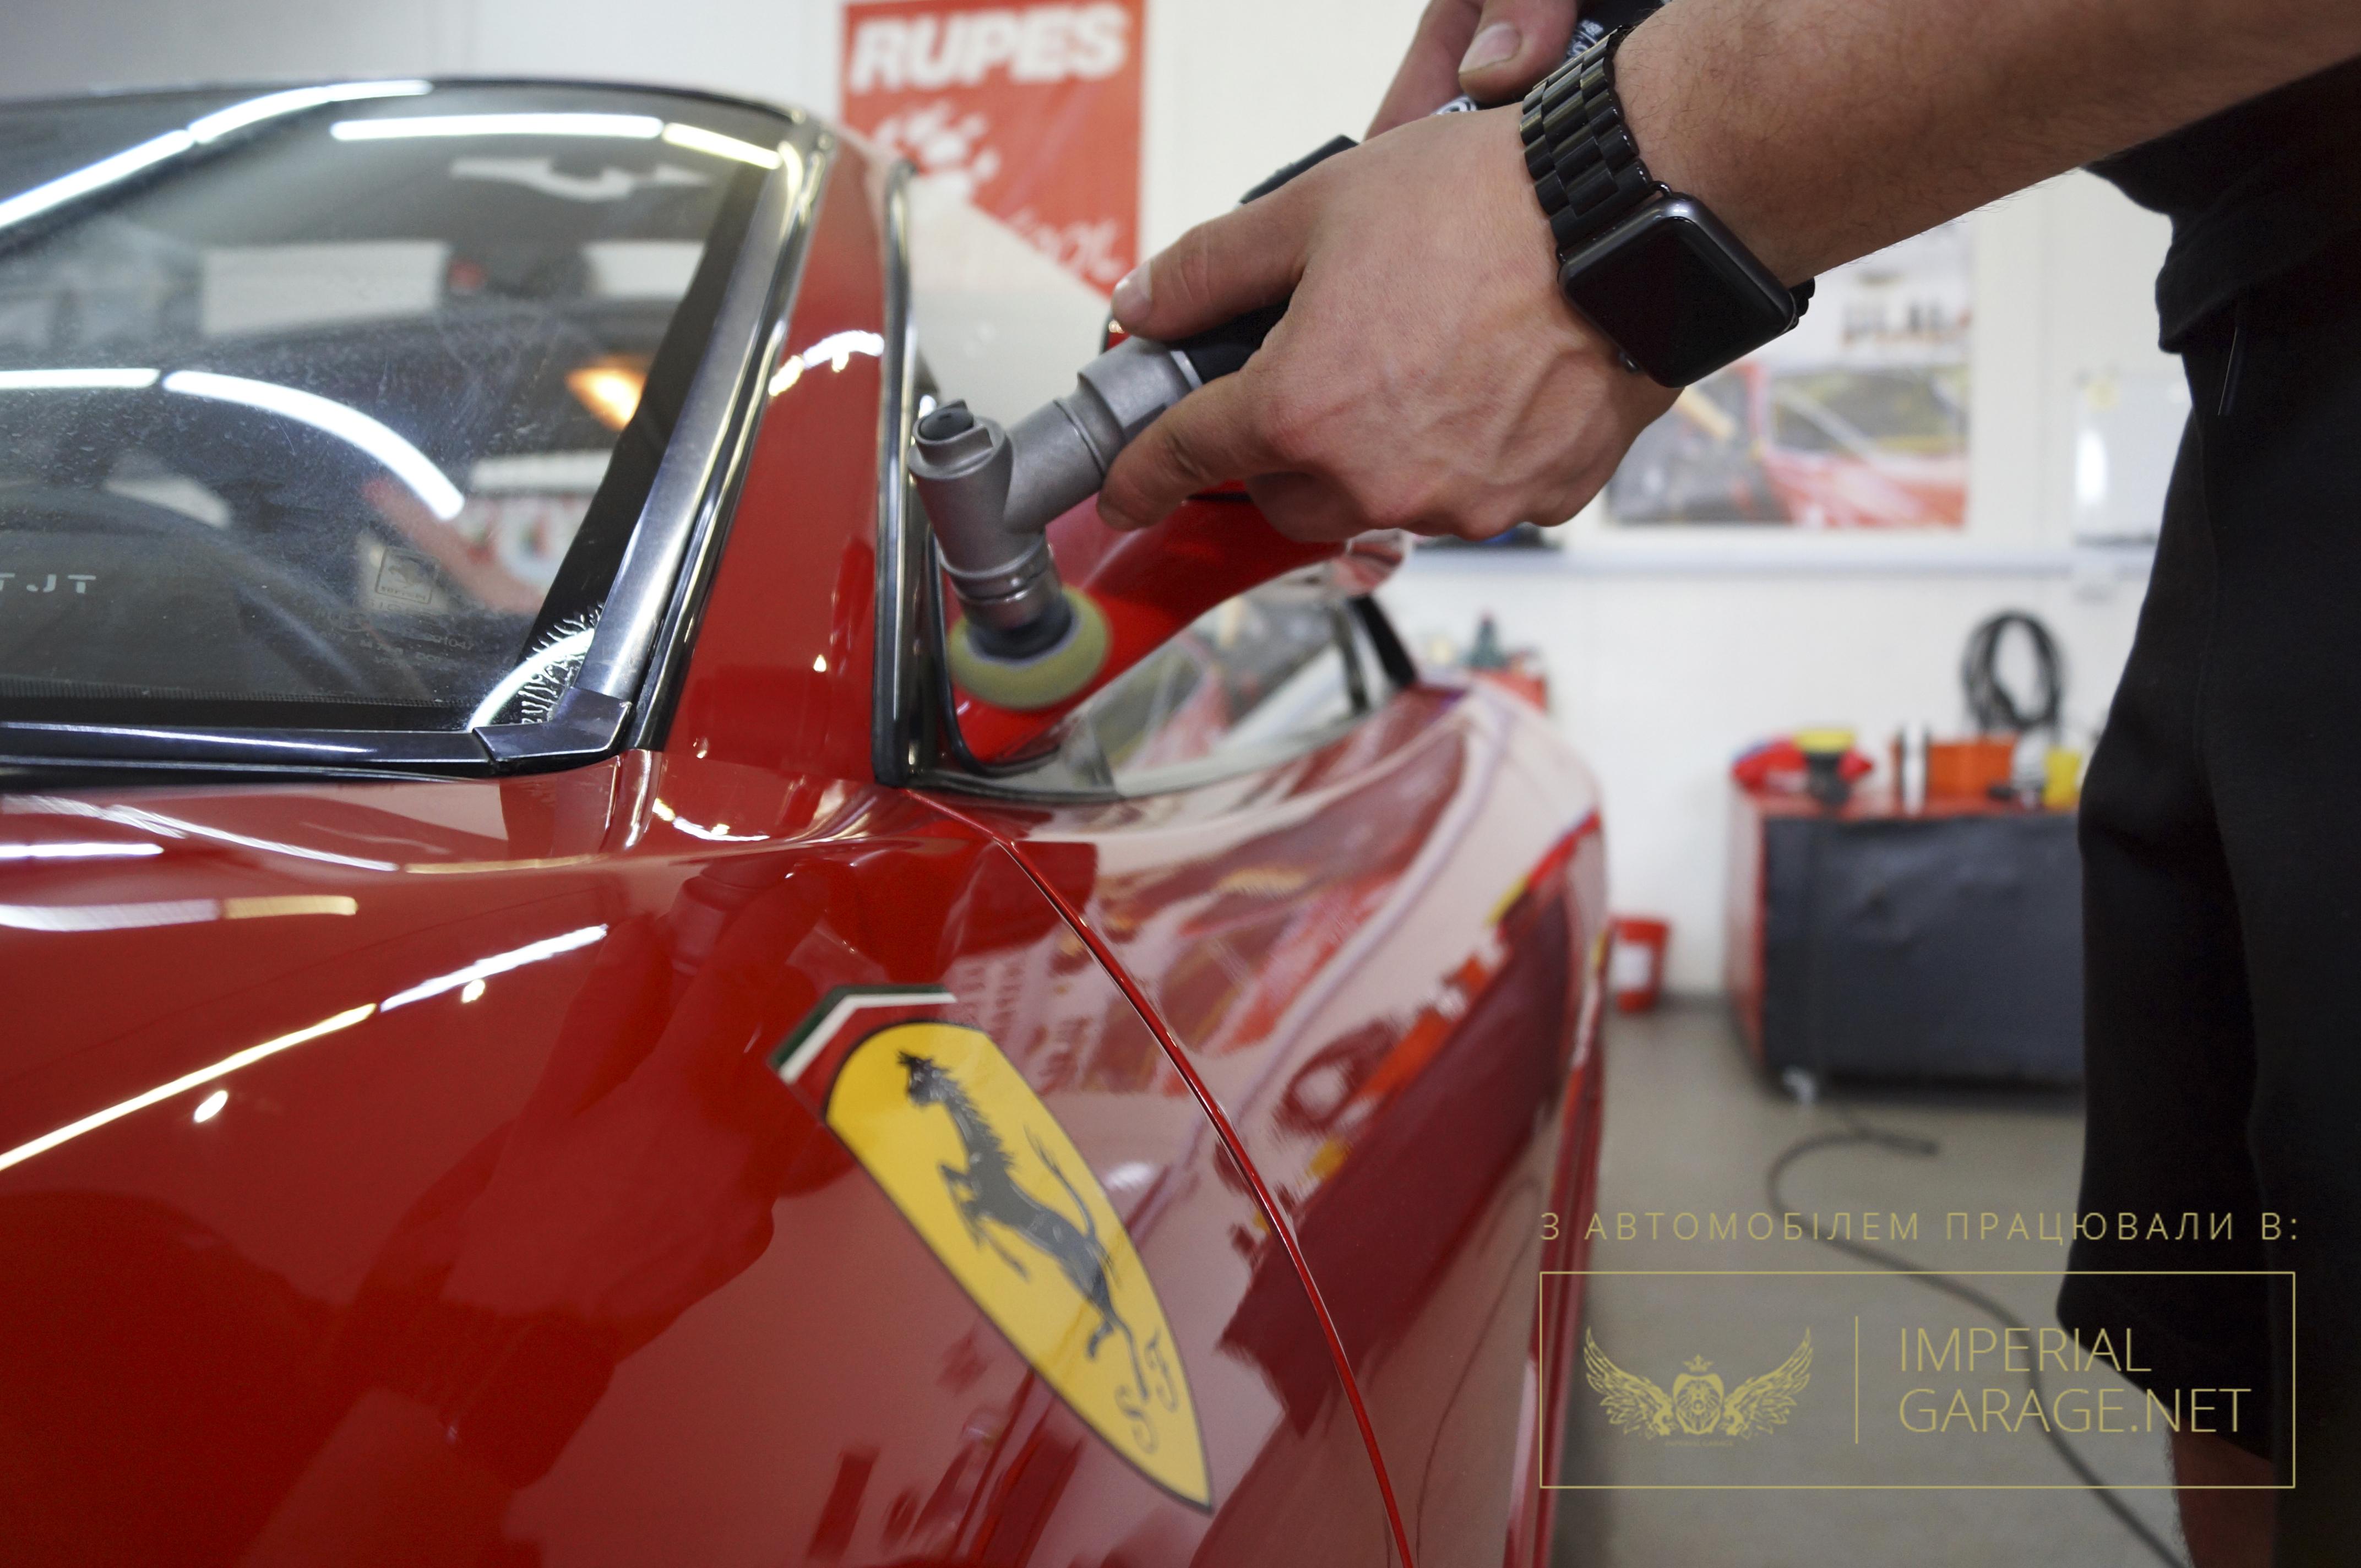 Безпечне полірування Ferrari